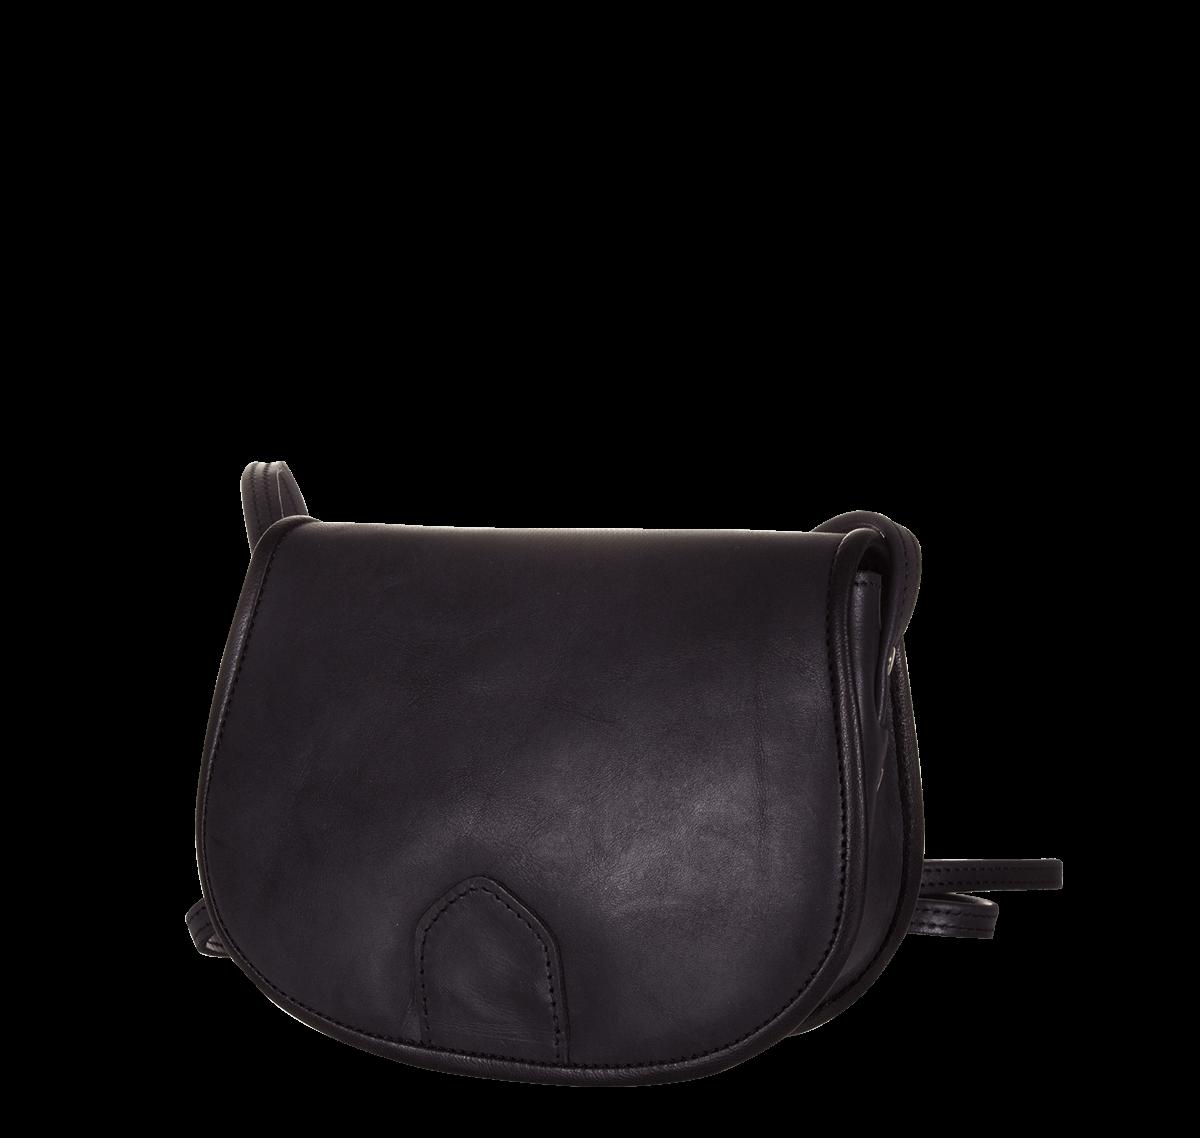 Női kis méretű táska fekete marhabőrből eaf28f0bac